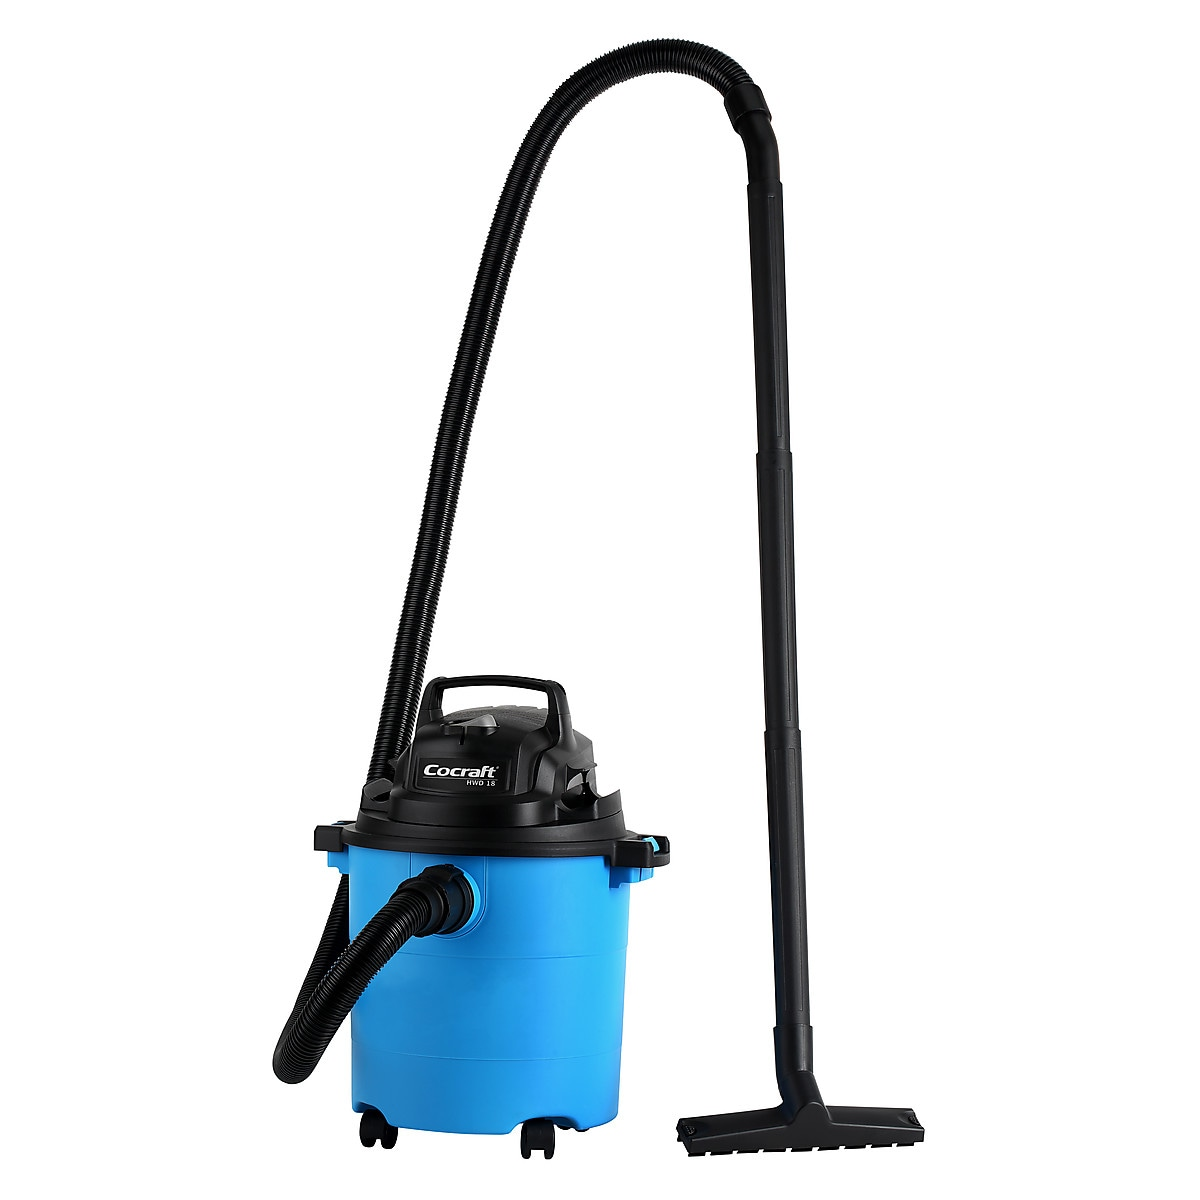 Cocraft Wet & Dry Vacuum Cleaner